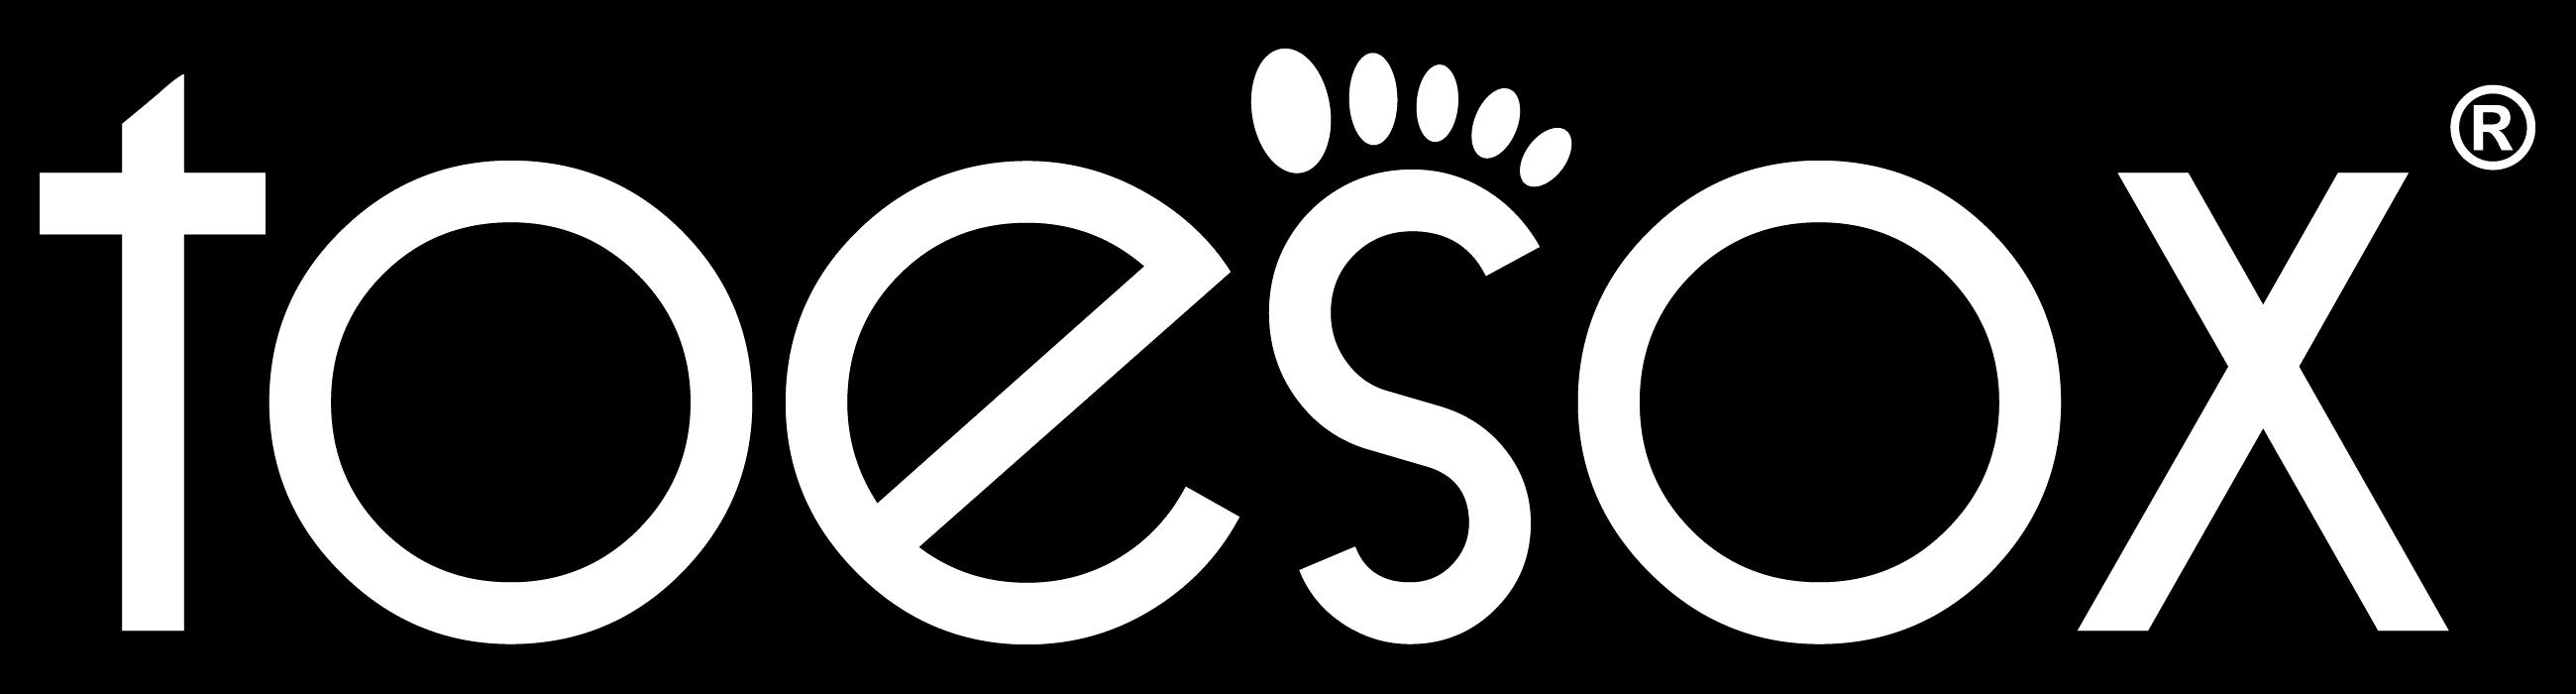 Ihr ToeSox, TaviNoir & BASE33 Pilates & Yoga Distributor für Deutschland, Österreich und die Schweiz